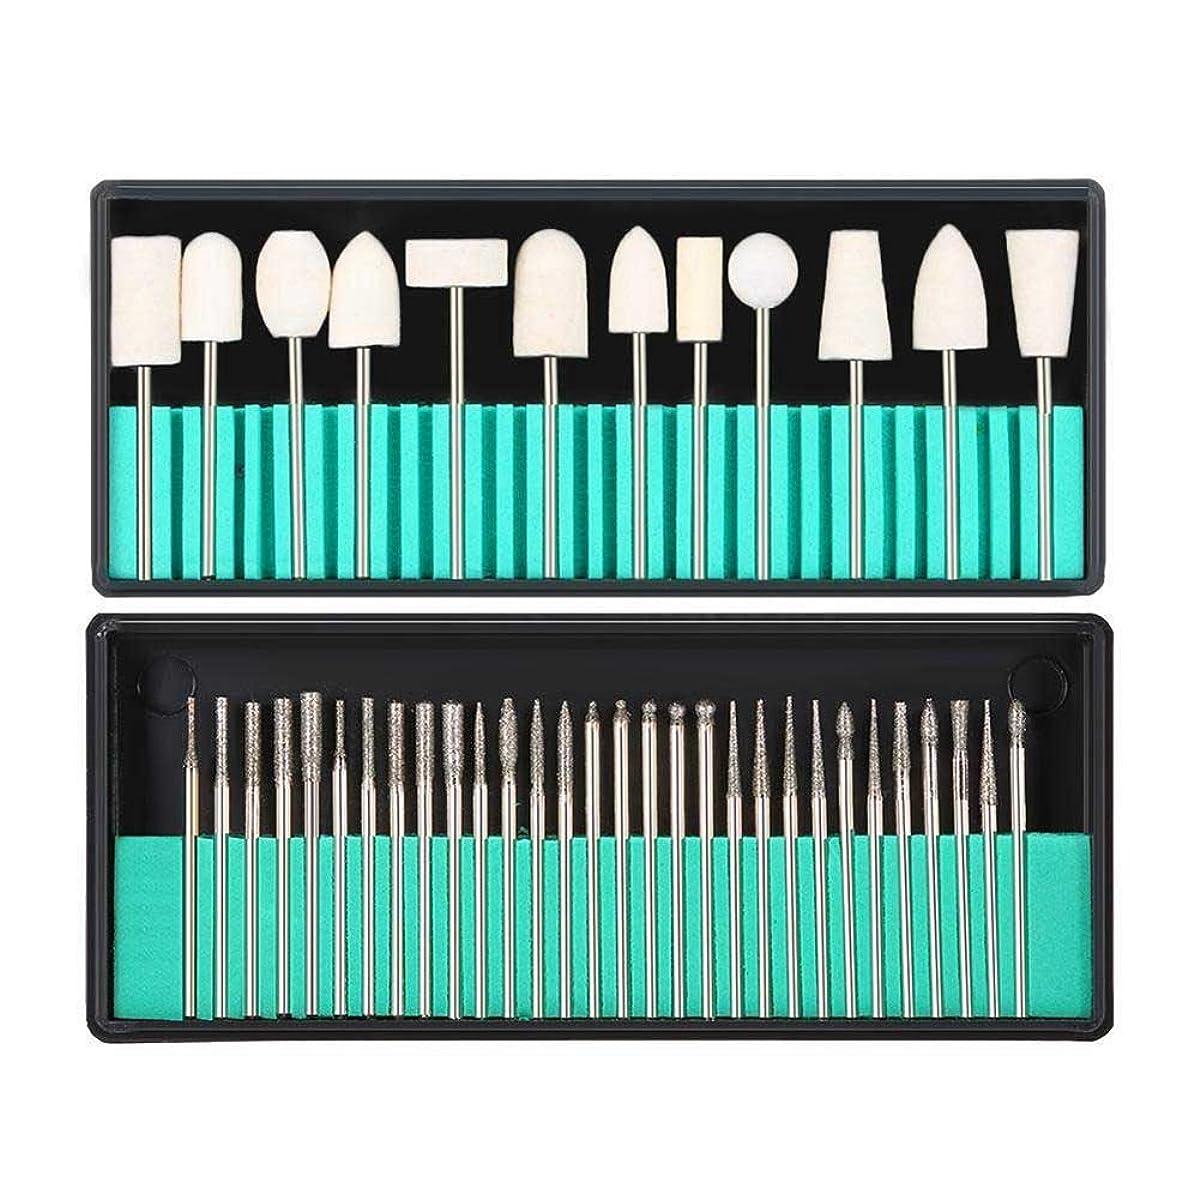 鉛筆ラジウム定義するCUHAWUDBA 爪やすりのバフ盤 30個のバフ盤ドリルビット+ 13個の模造ウール爪やすりビットキット